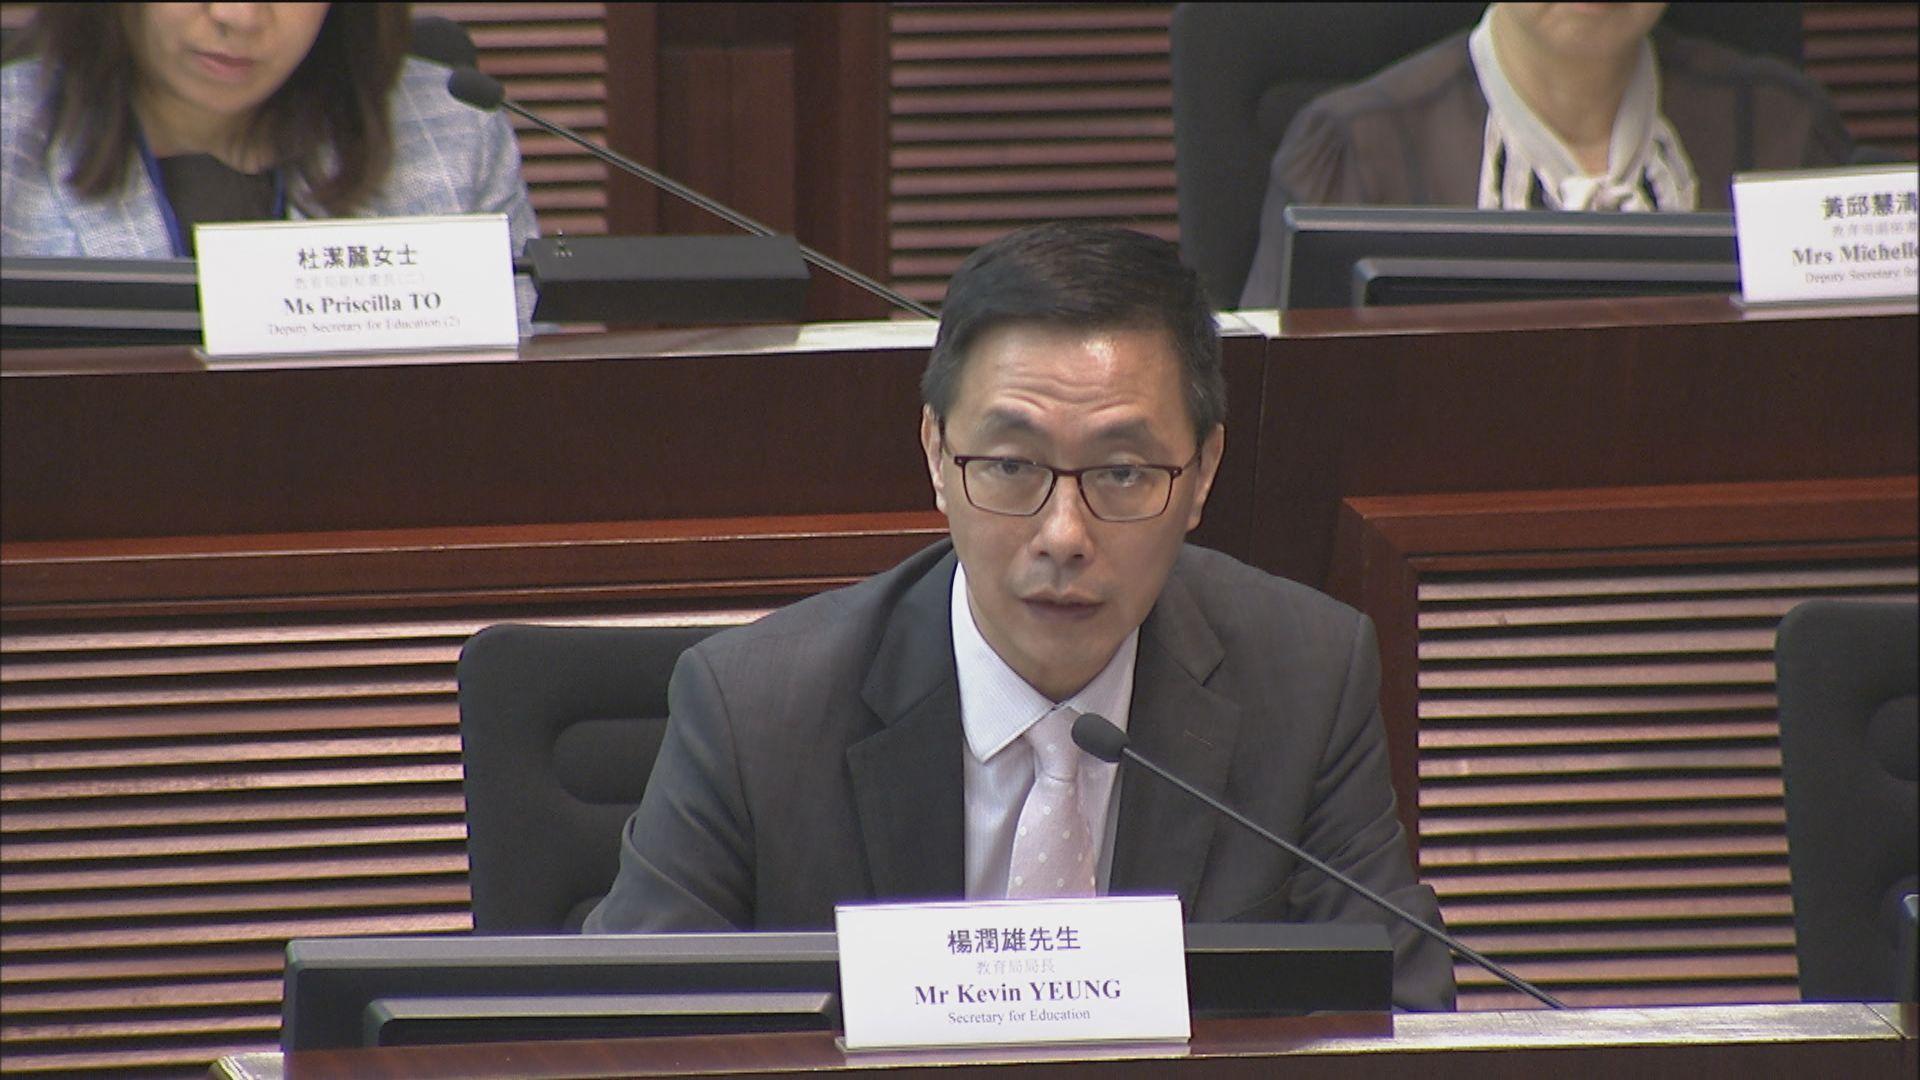 楊潤雄就教育局發禁蒙面法通告至幼稚園致歉